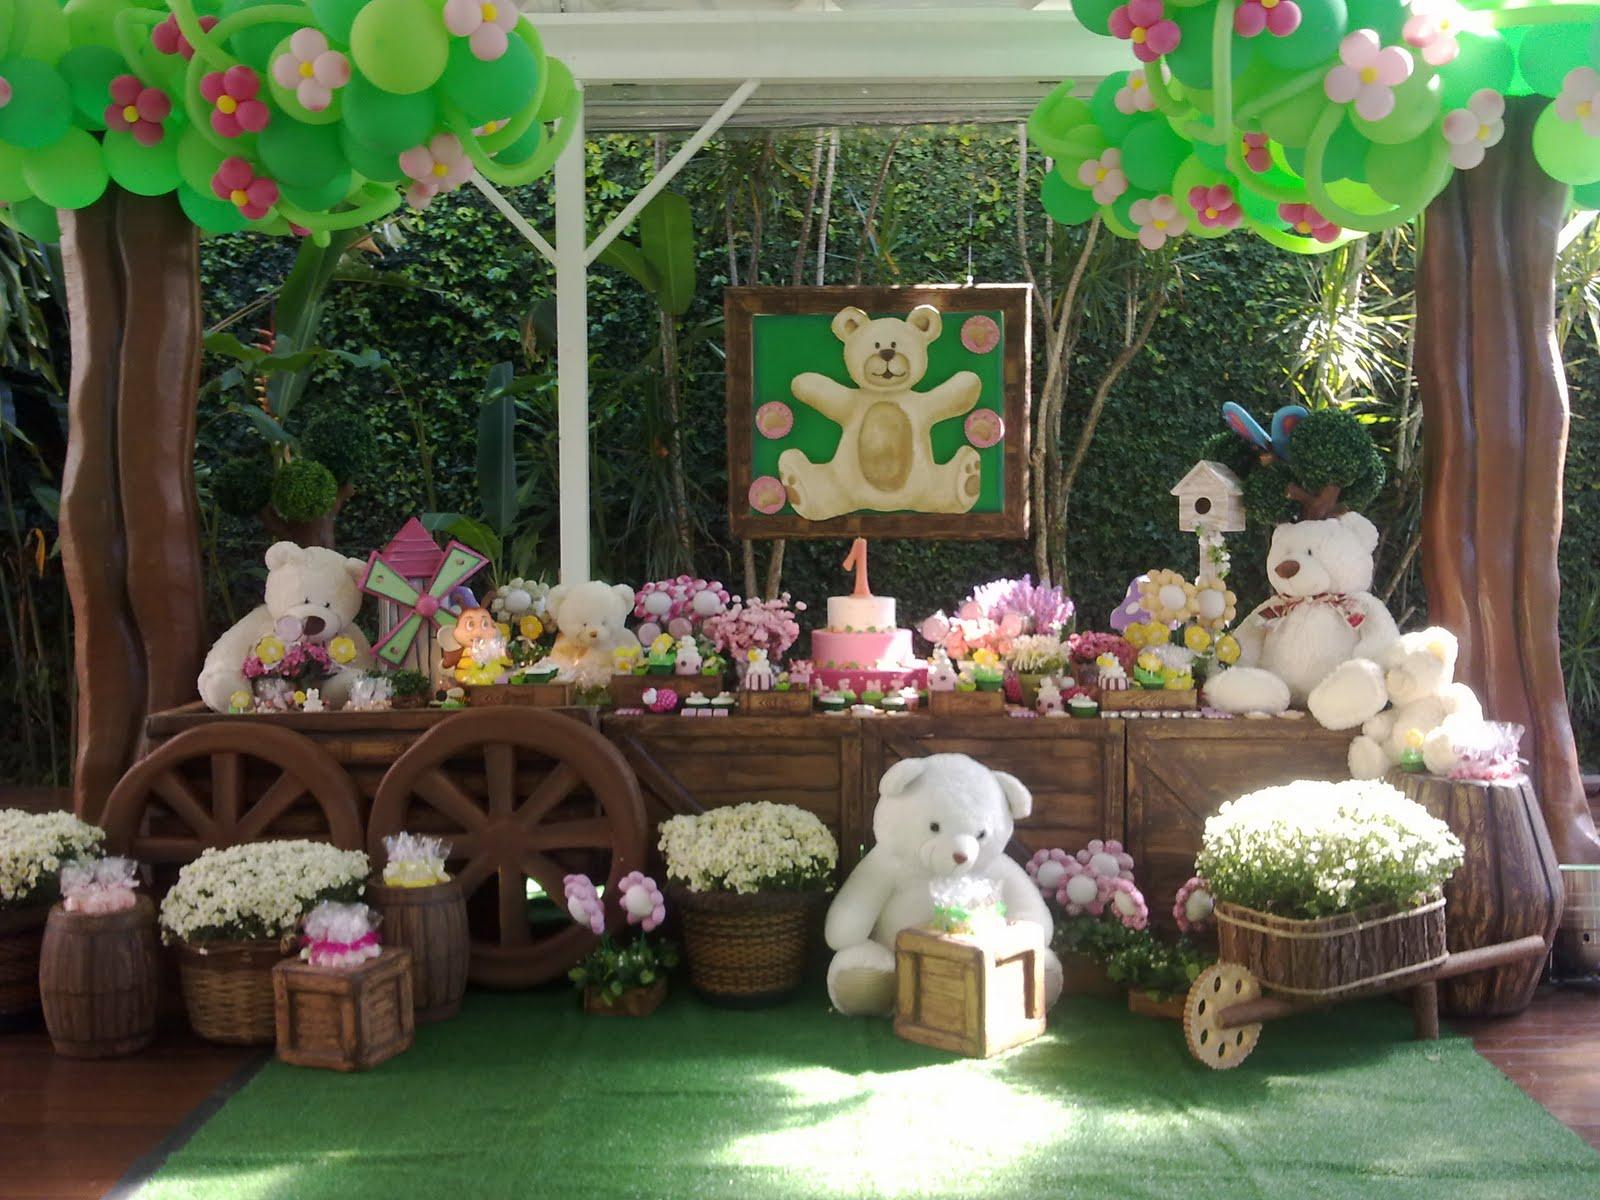 festa jardim dos ursos:No jardim da Valentina tem abelhas, joaninhas, ursinhos e muita